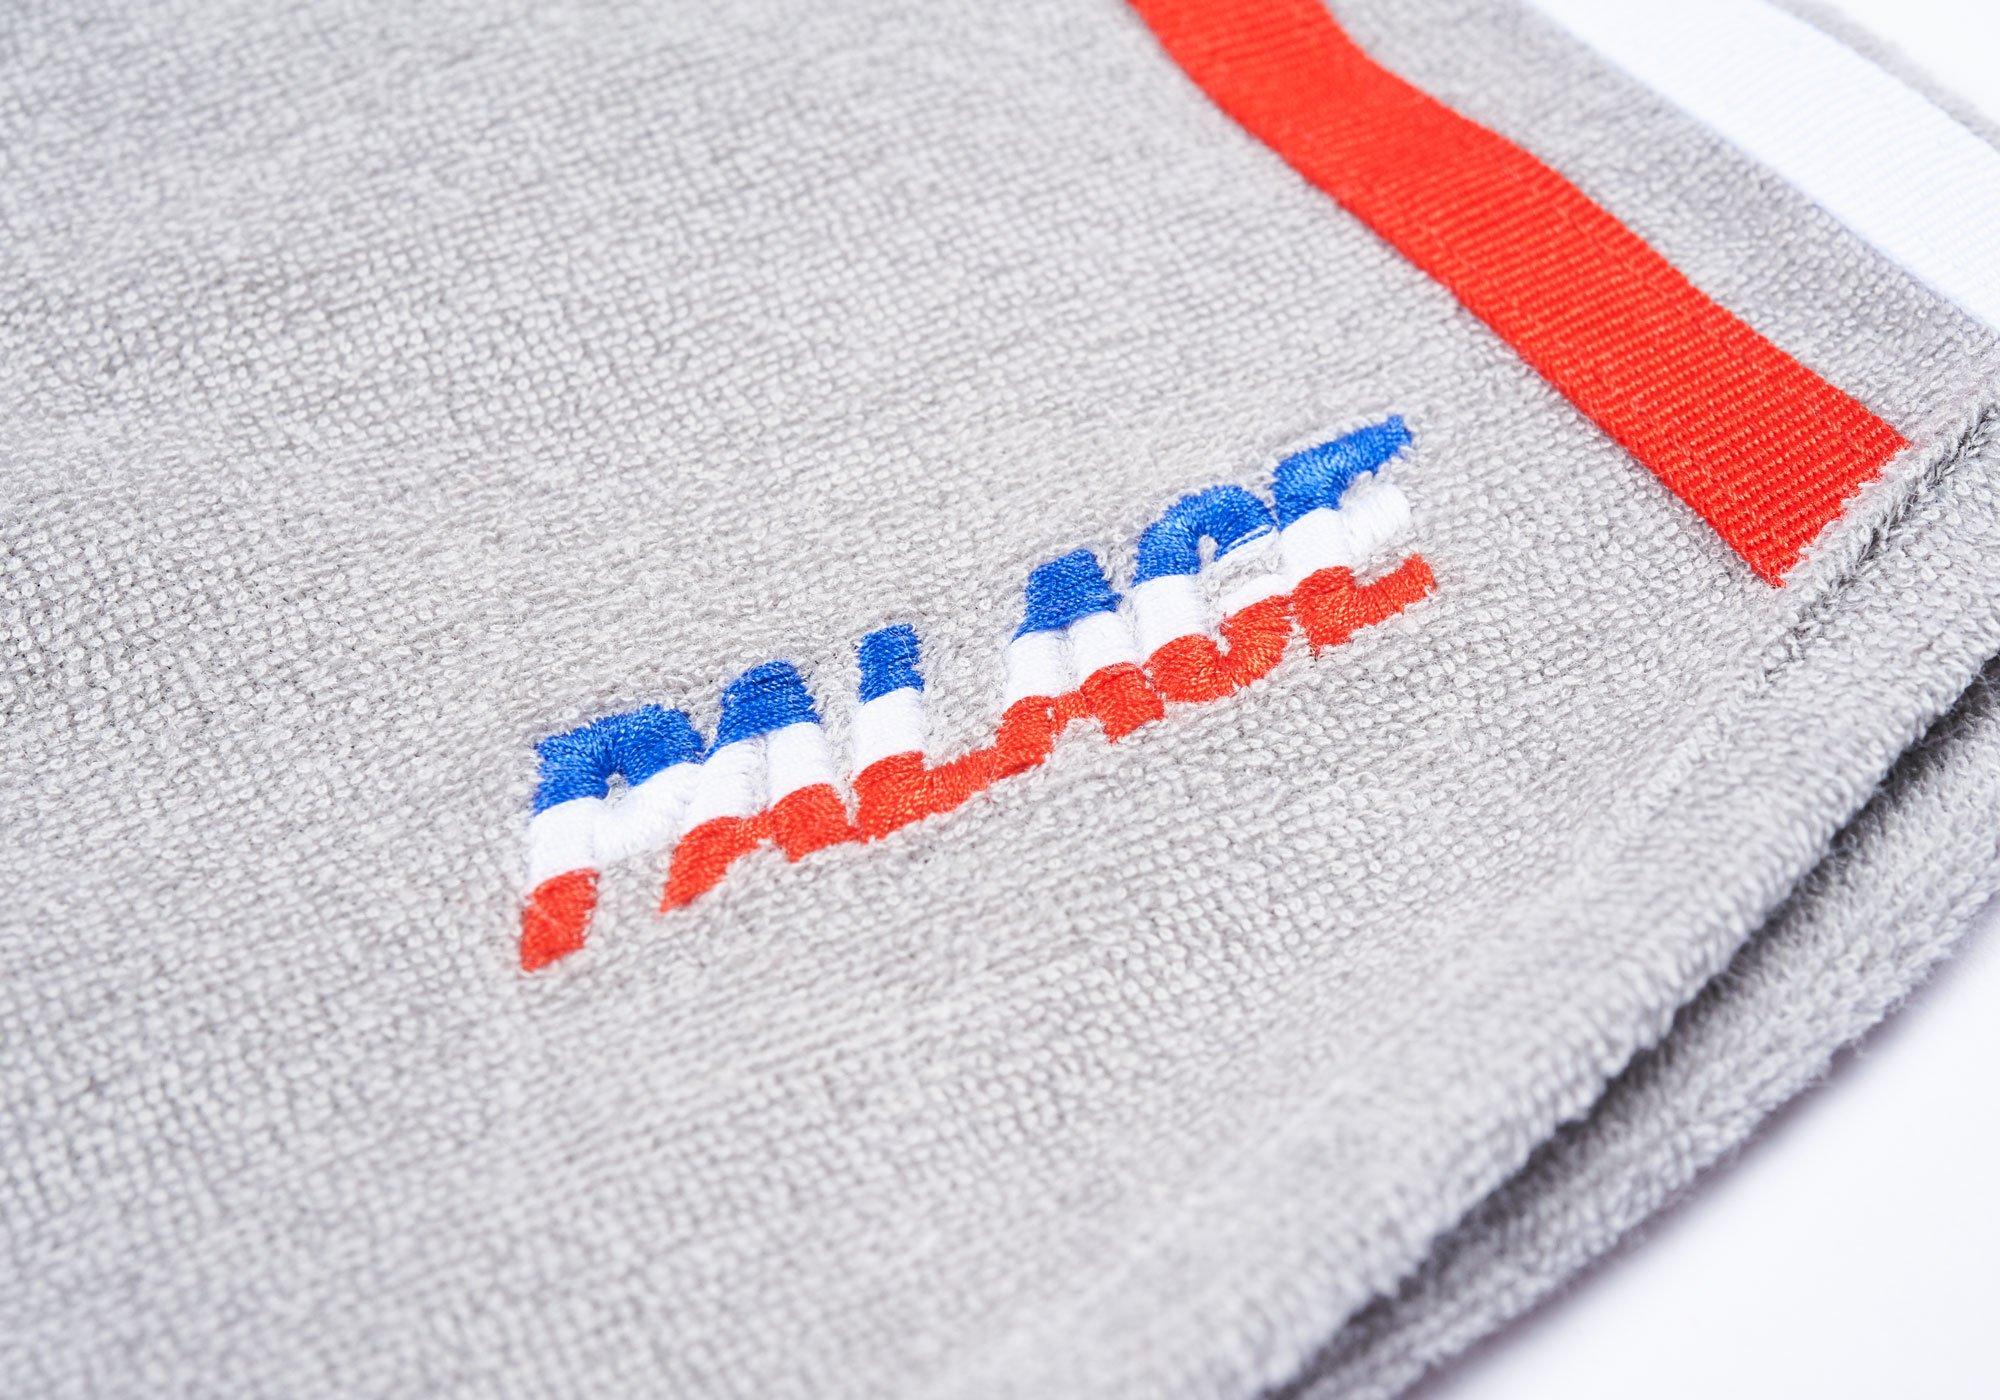 adidas x palace terry shirt